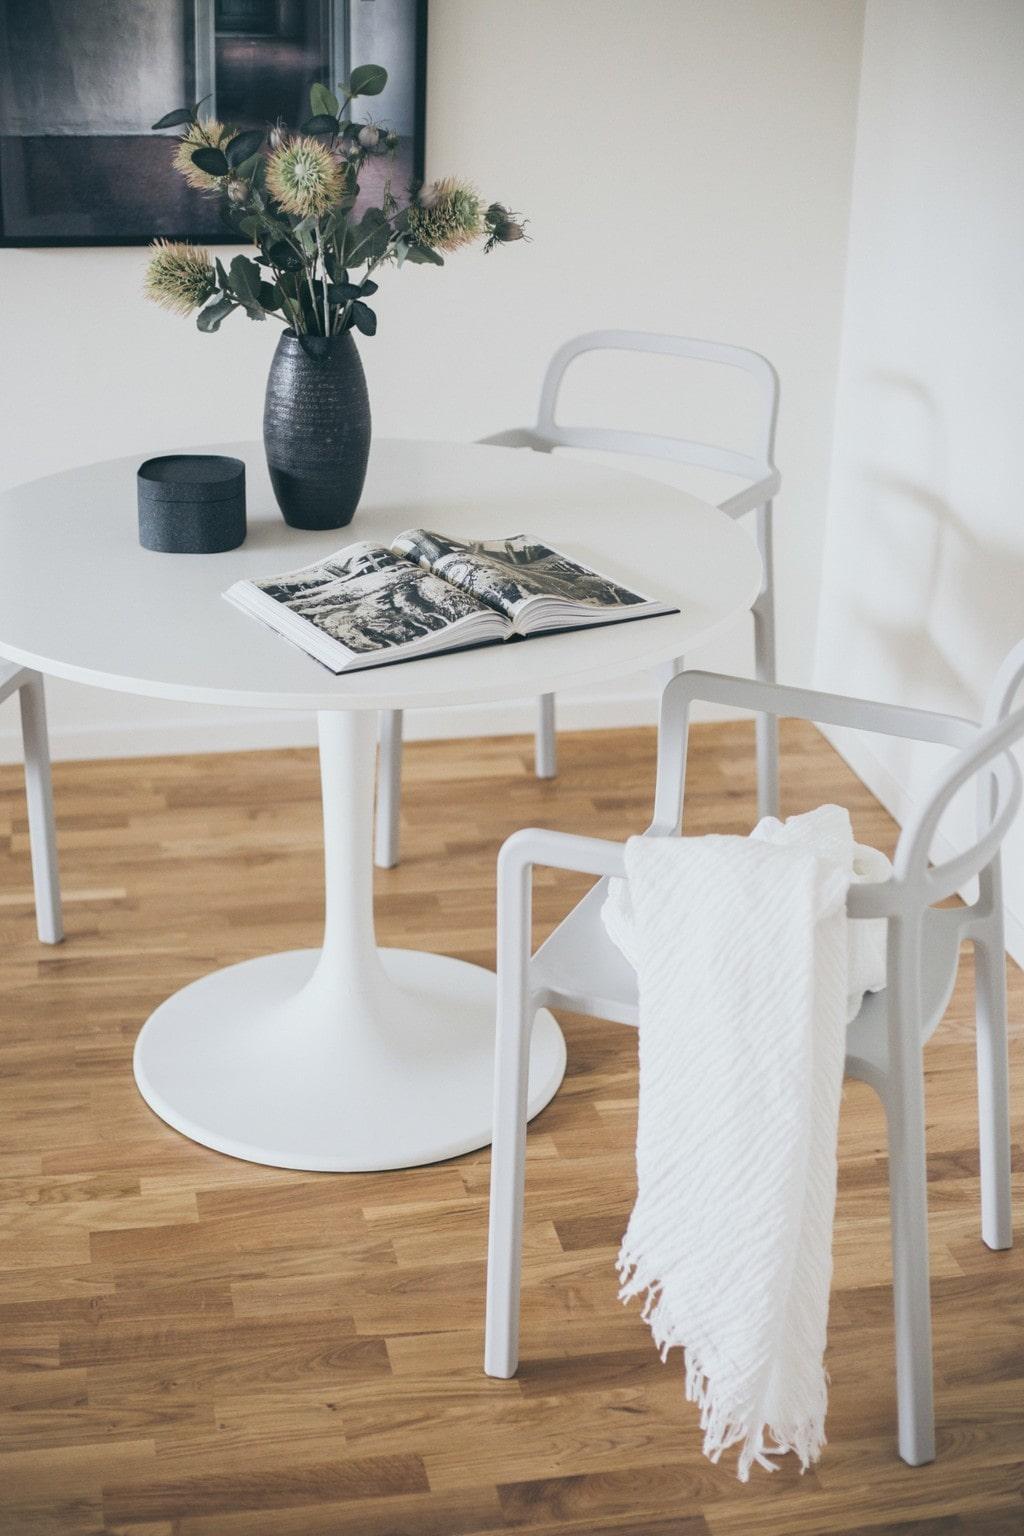 vitt runt pelarbord med vita stolar